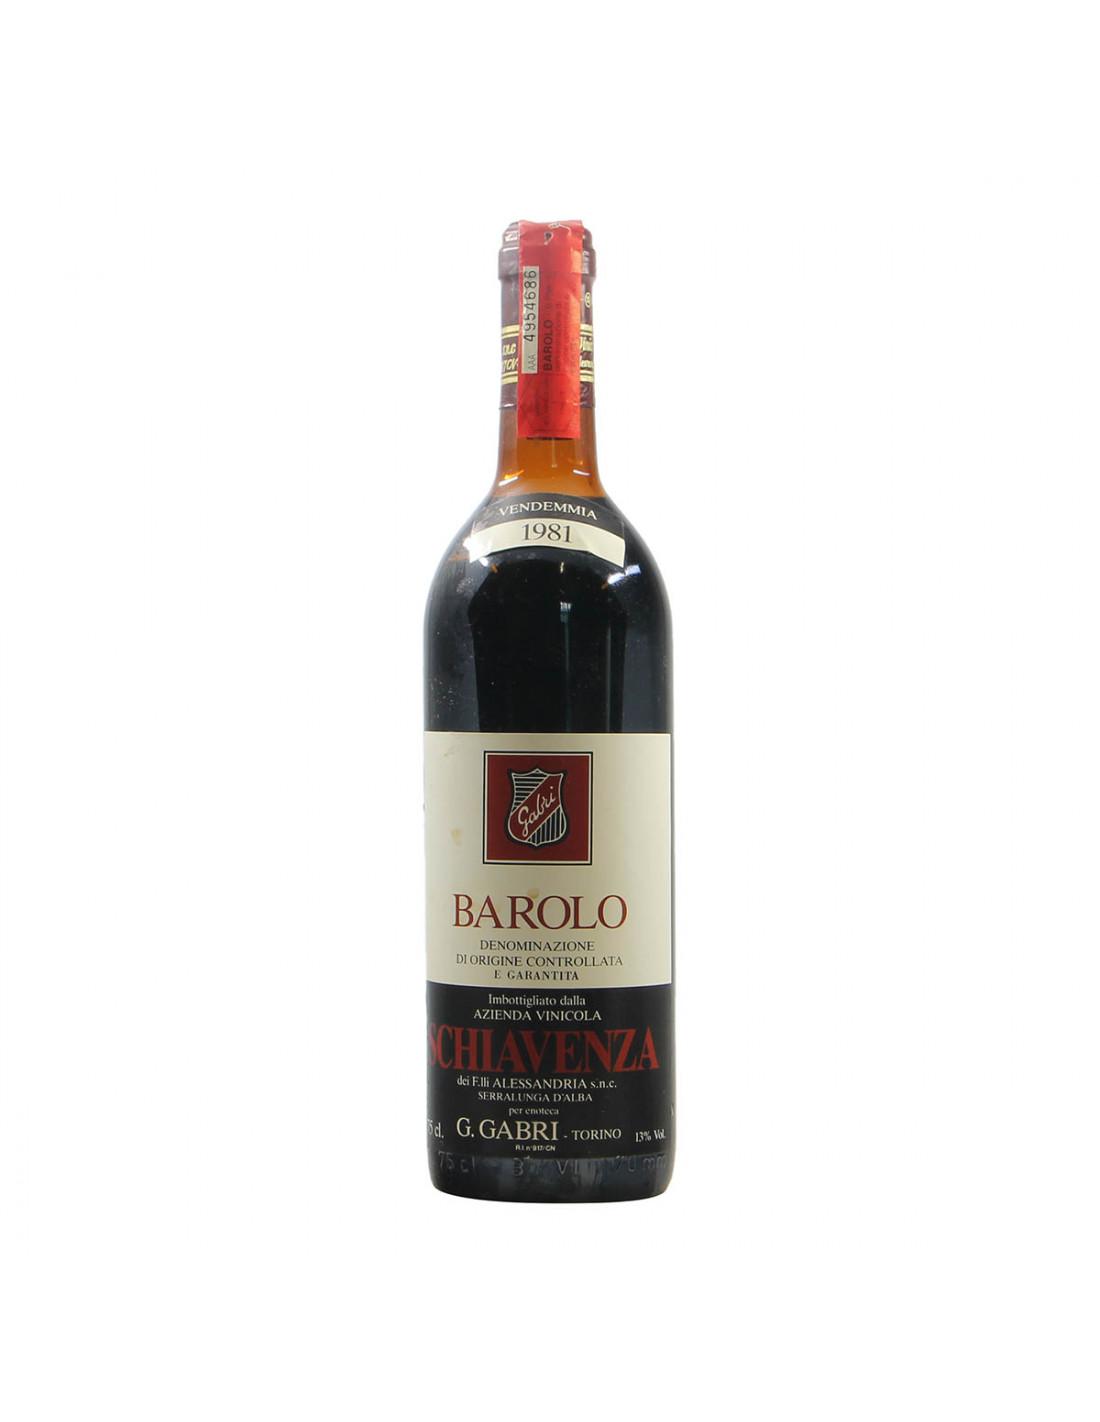 Schiavenza Barolo 1981 Grandi Bottiglie